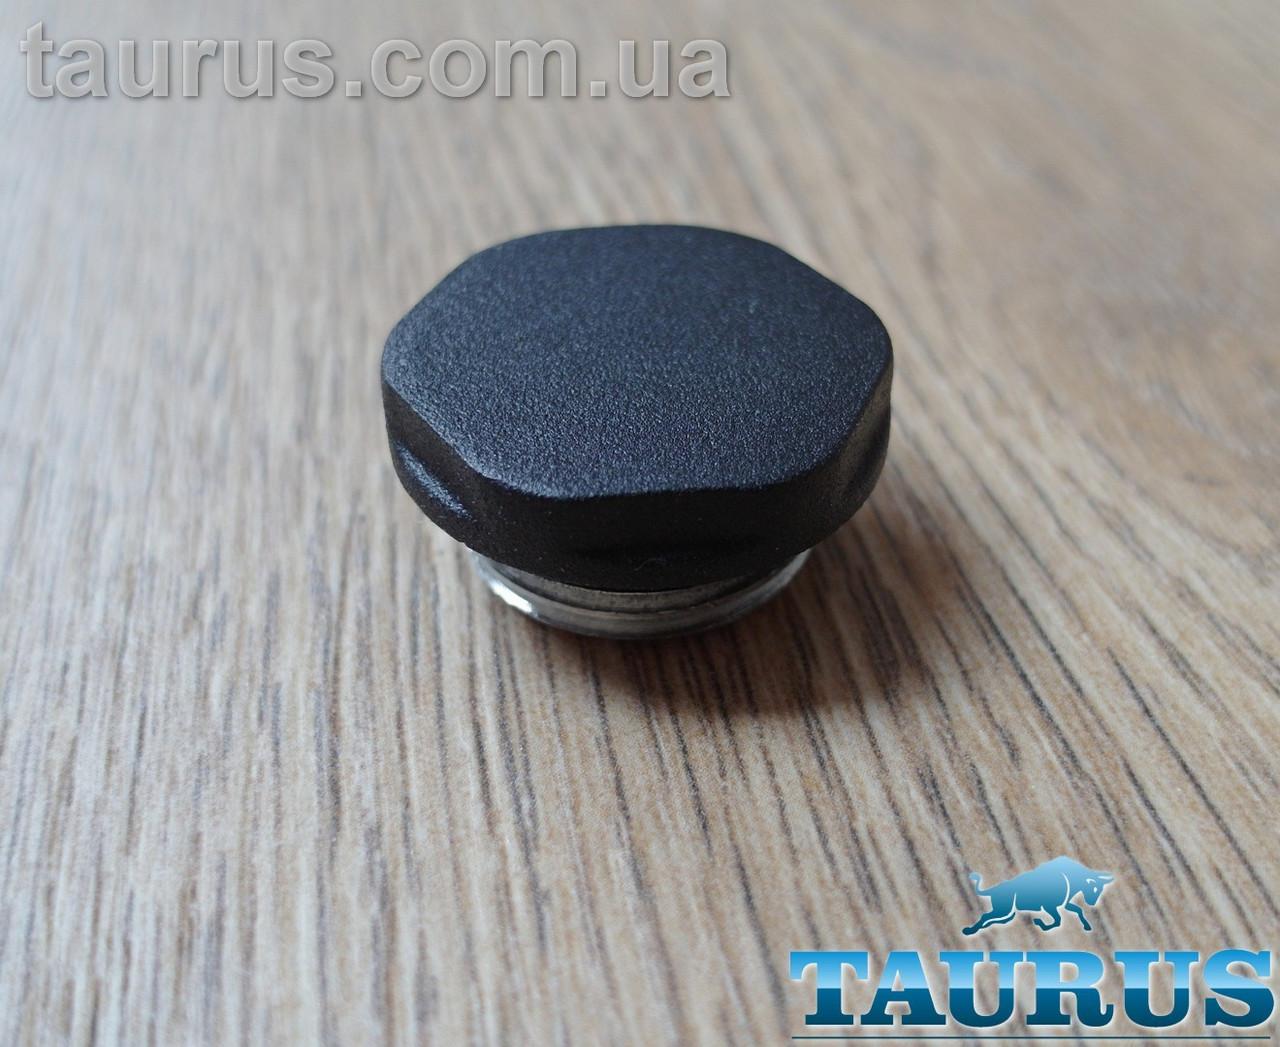 """Чорна плоска заглушка Premium Black з гумкою 1/2"""" на рушникосушку ThermoPulse"""